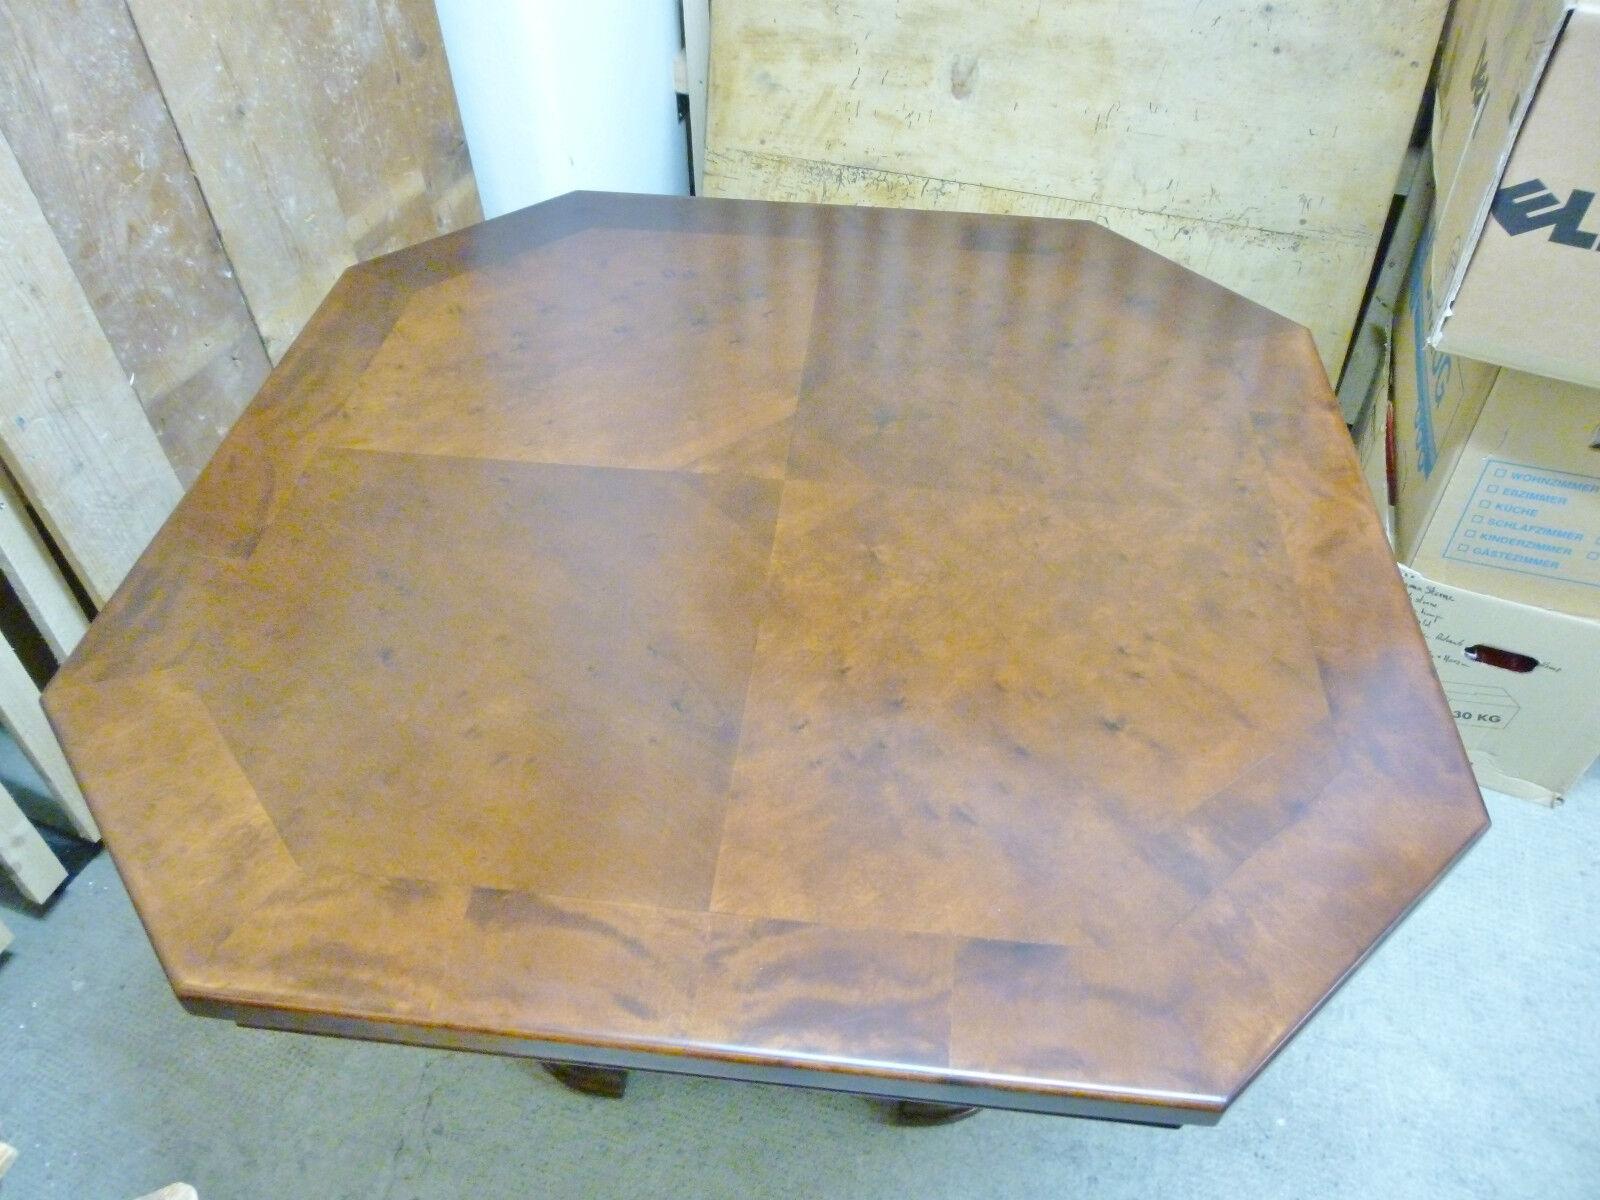 Tisch esstisch e tisch wohnzimmertisch aus holz eur 199 for Wohnzimmertisch aus holz